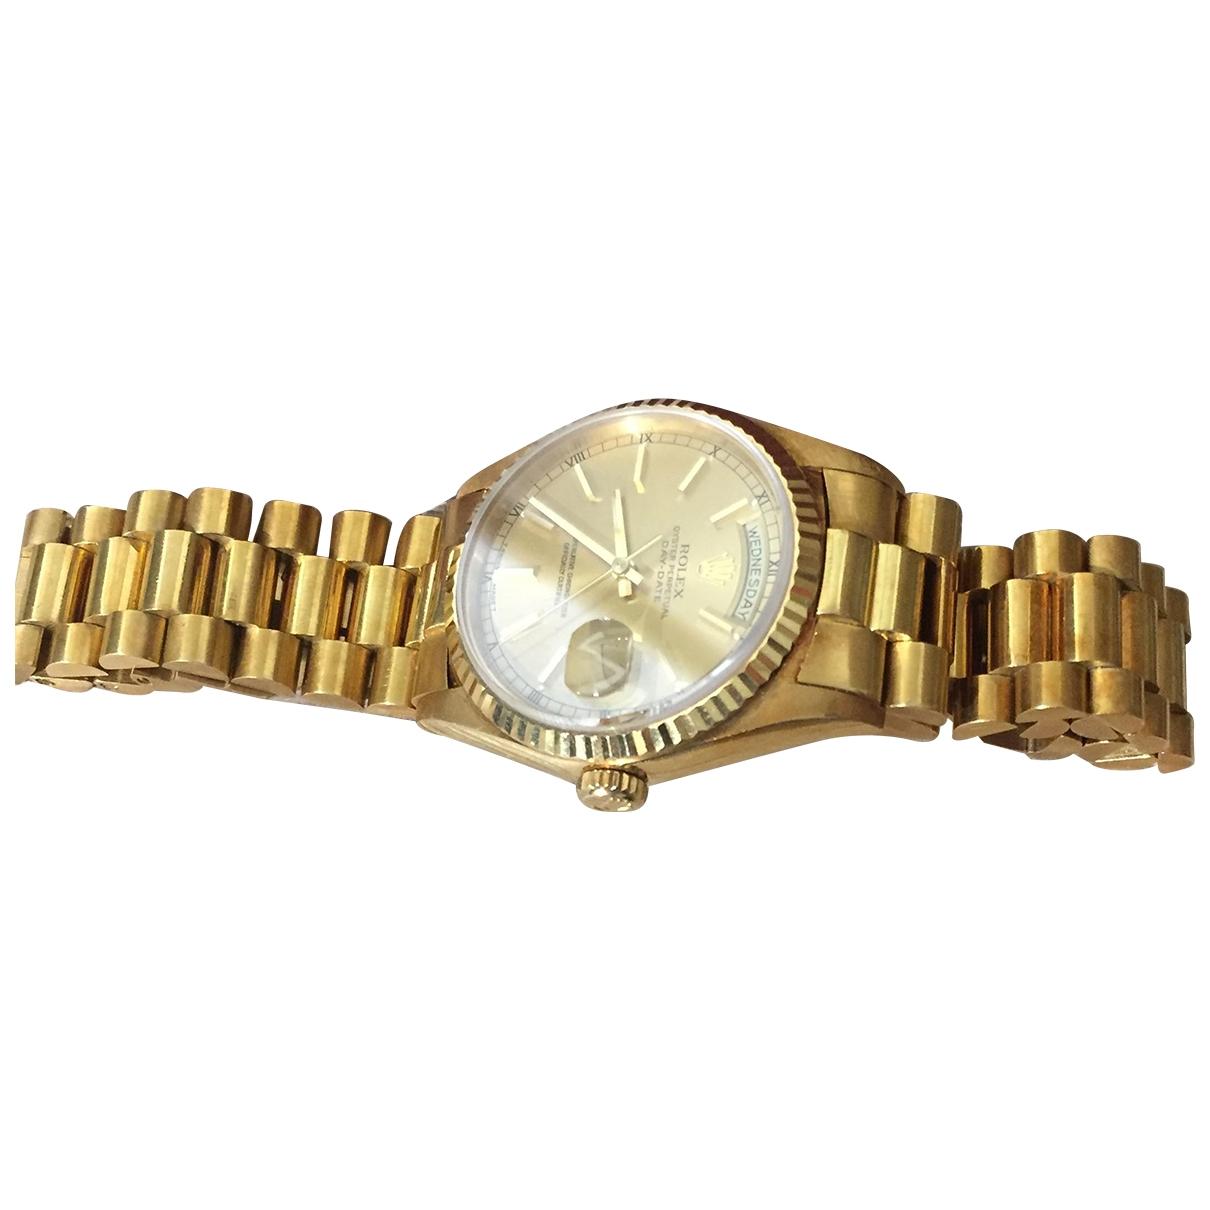 Rolex Day-Date 36mm Uhr in  Gold Gelbgold